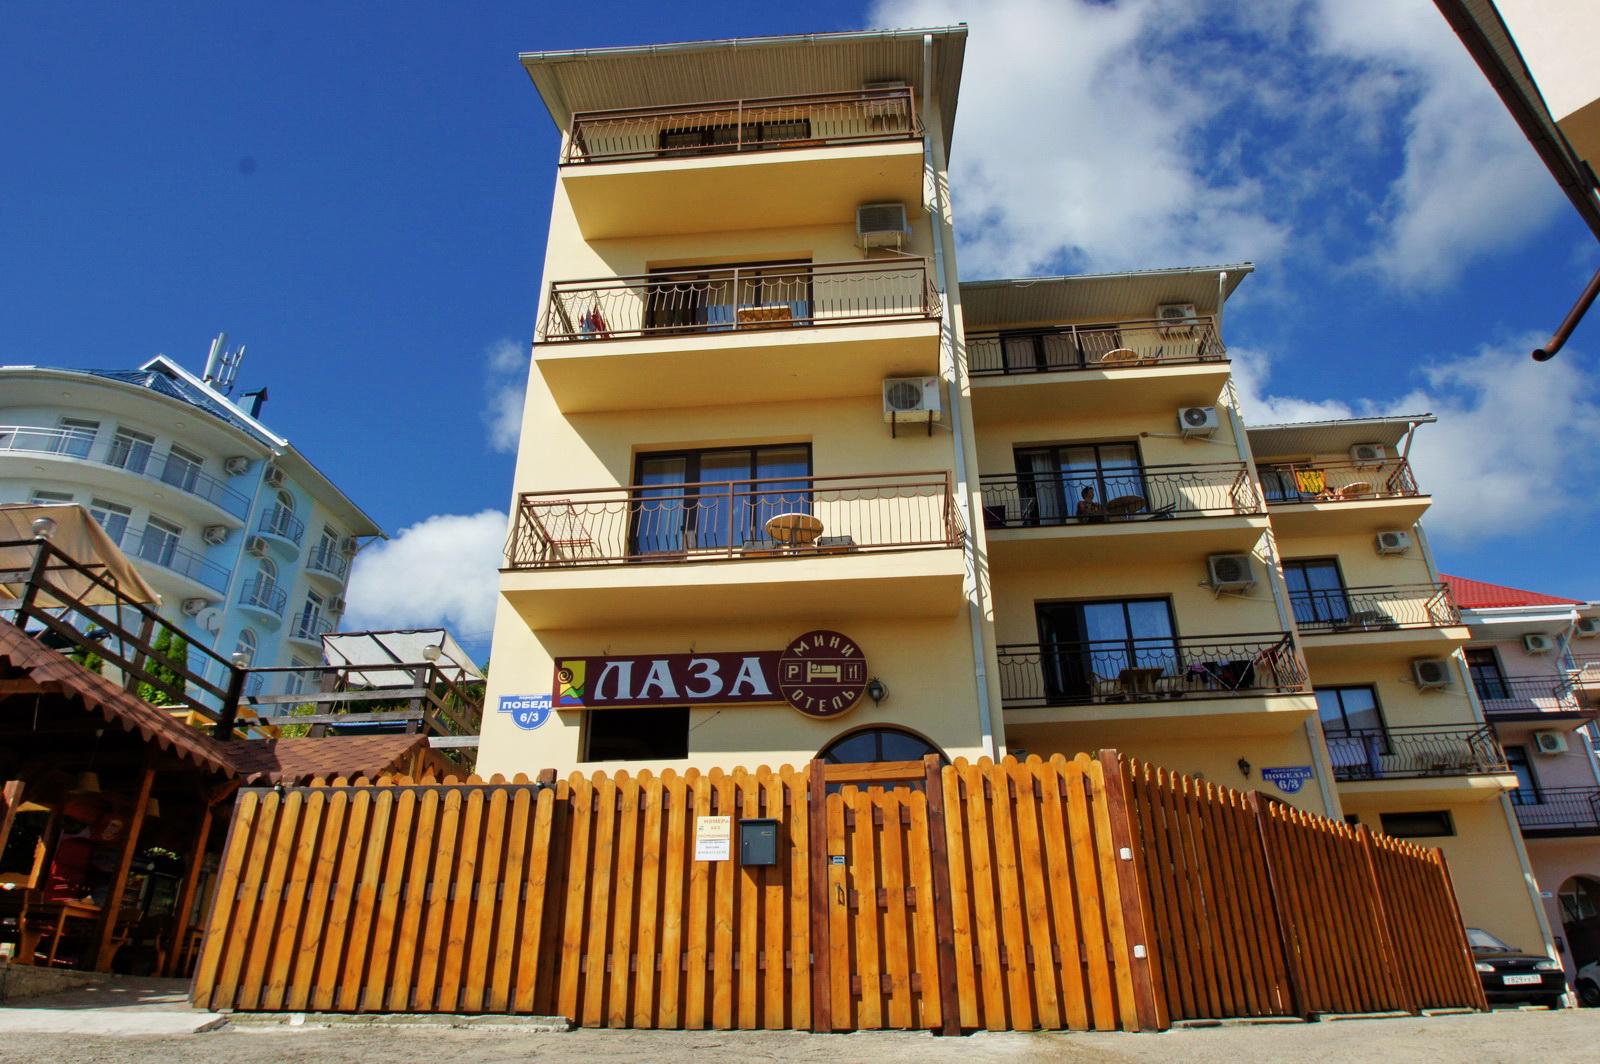 Мини гостиница Лаза (п.Лазаревское)